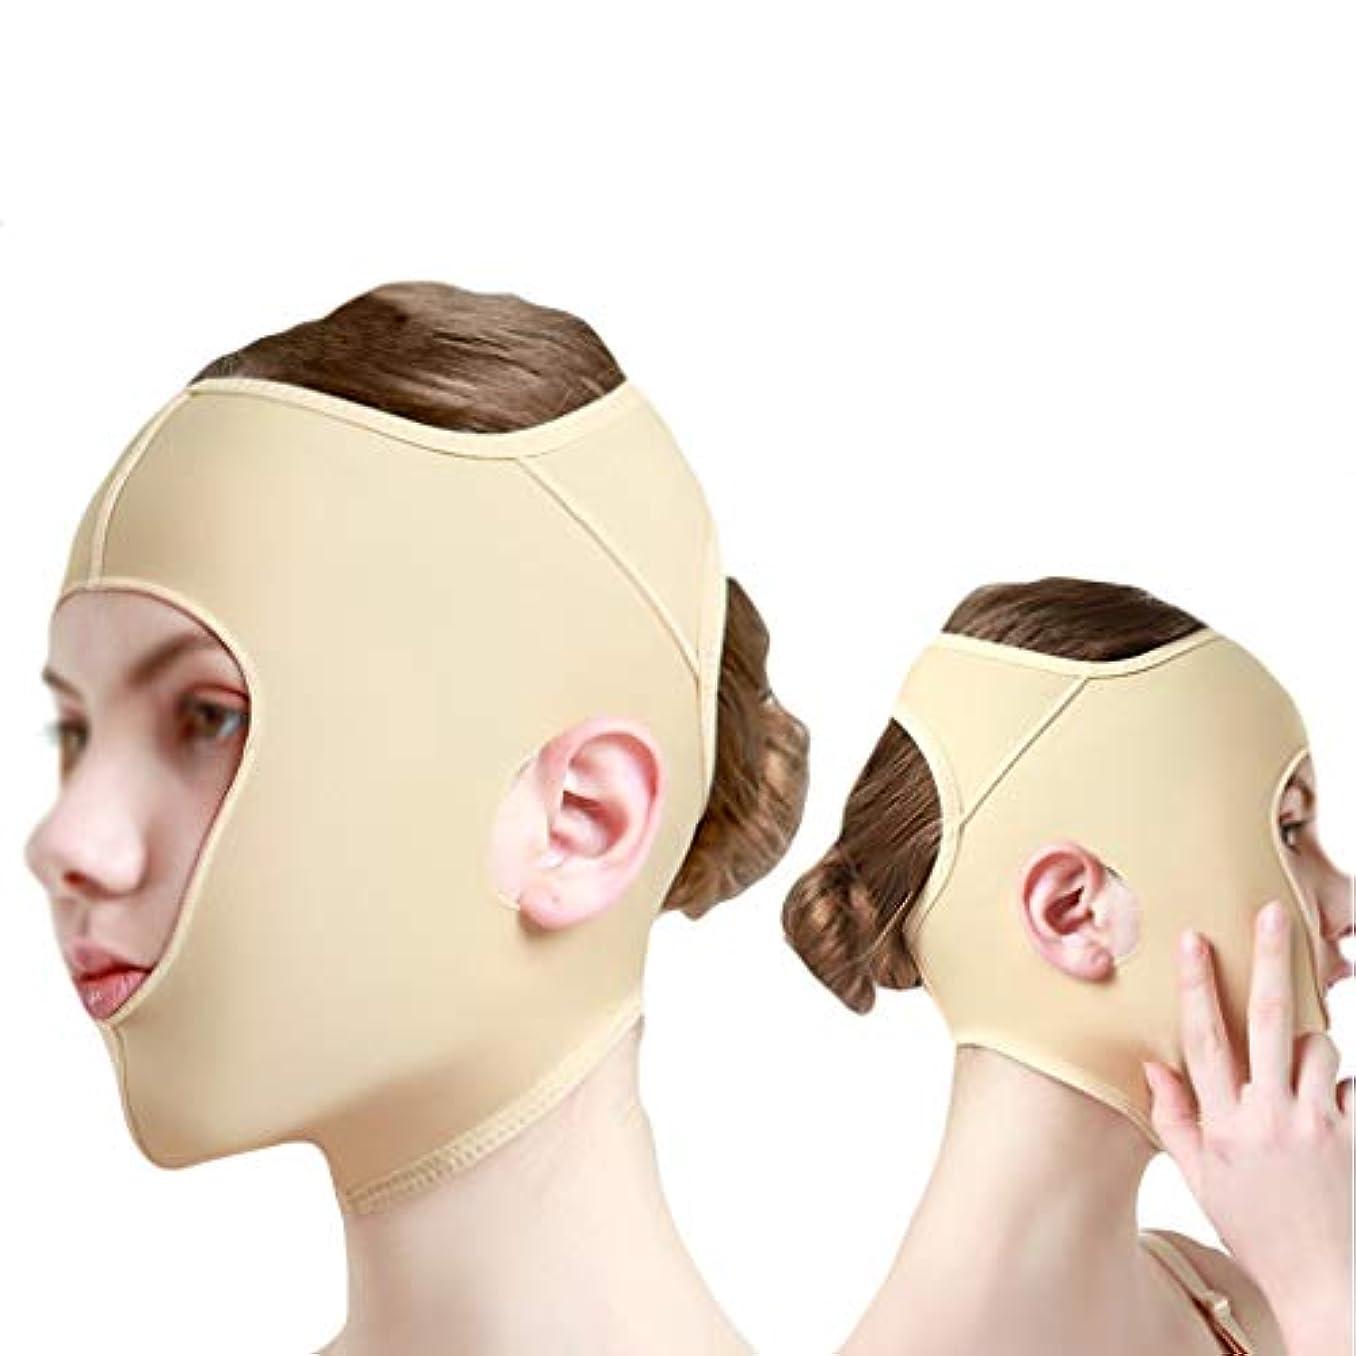 否認するピースチーズ顔の彫刻ツール、脂肪吸引フード、二重あご包帯、ストレッチマスク (Size : S)